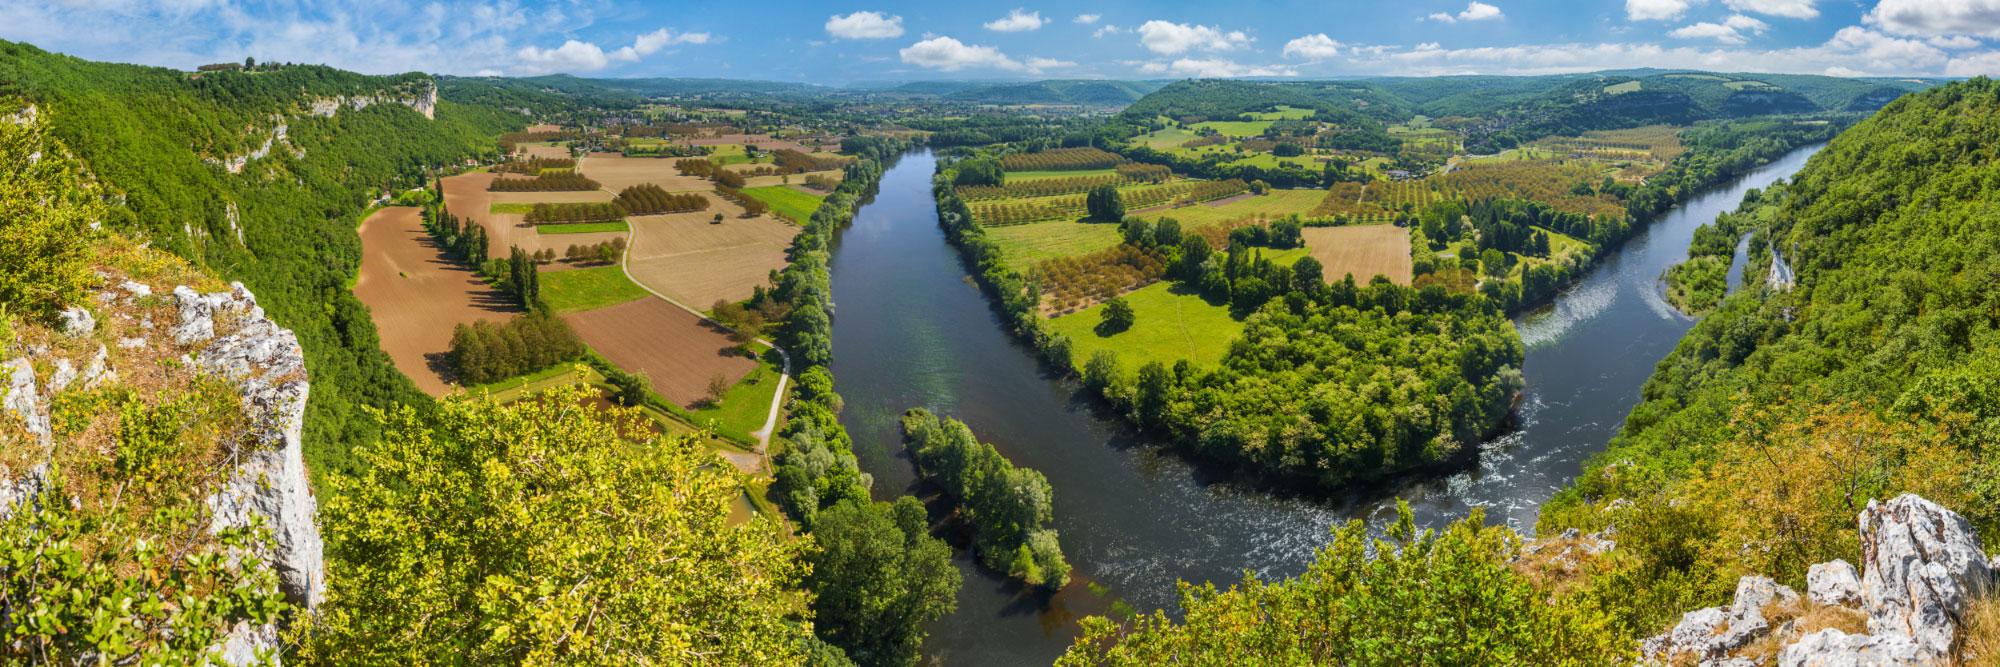 8-14905-france-lot-vue-sur-la-vallee-de-la-dordogne-depuis-le-bord-du-roc-coulon-quercy-panorama-sentucq-h